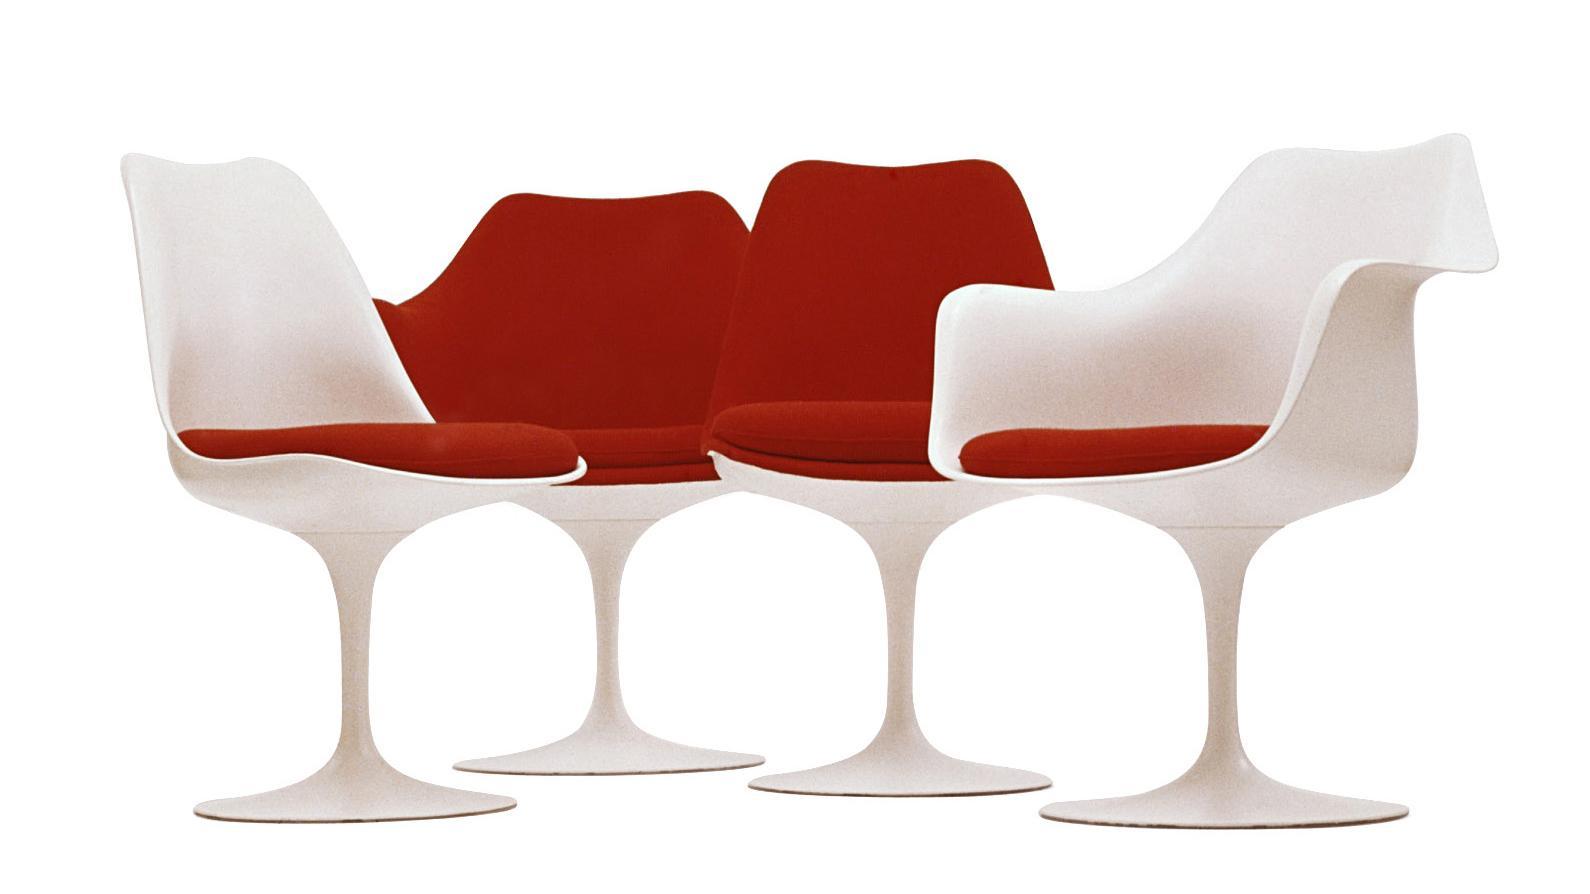 Midcentury modern design: Tulip chair